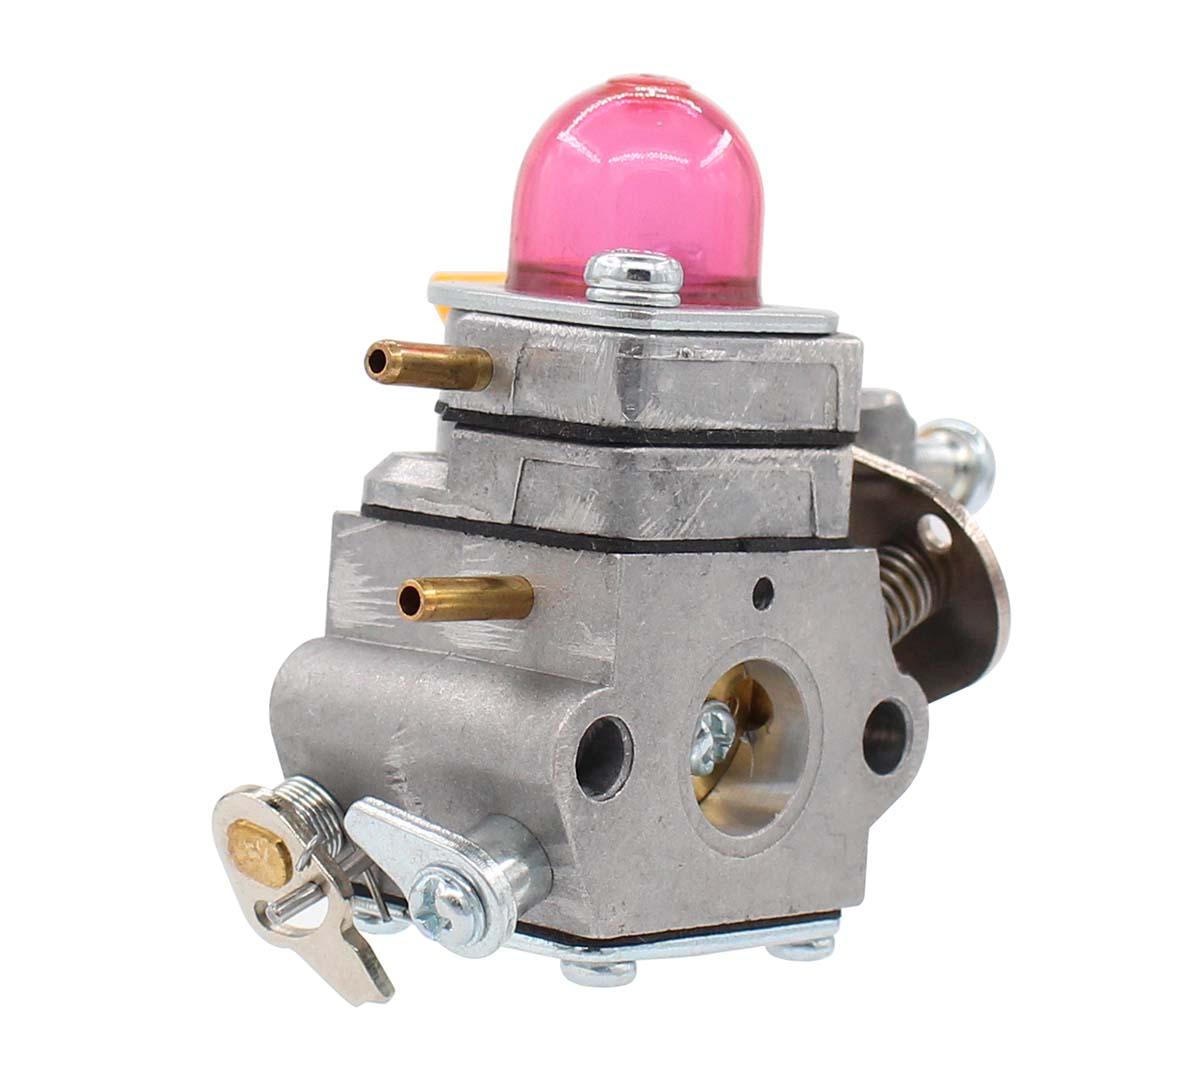 Carburetor for Ryobi RY70103A RY70105A RY70107A Shaft Trimmer Carb